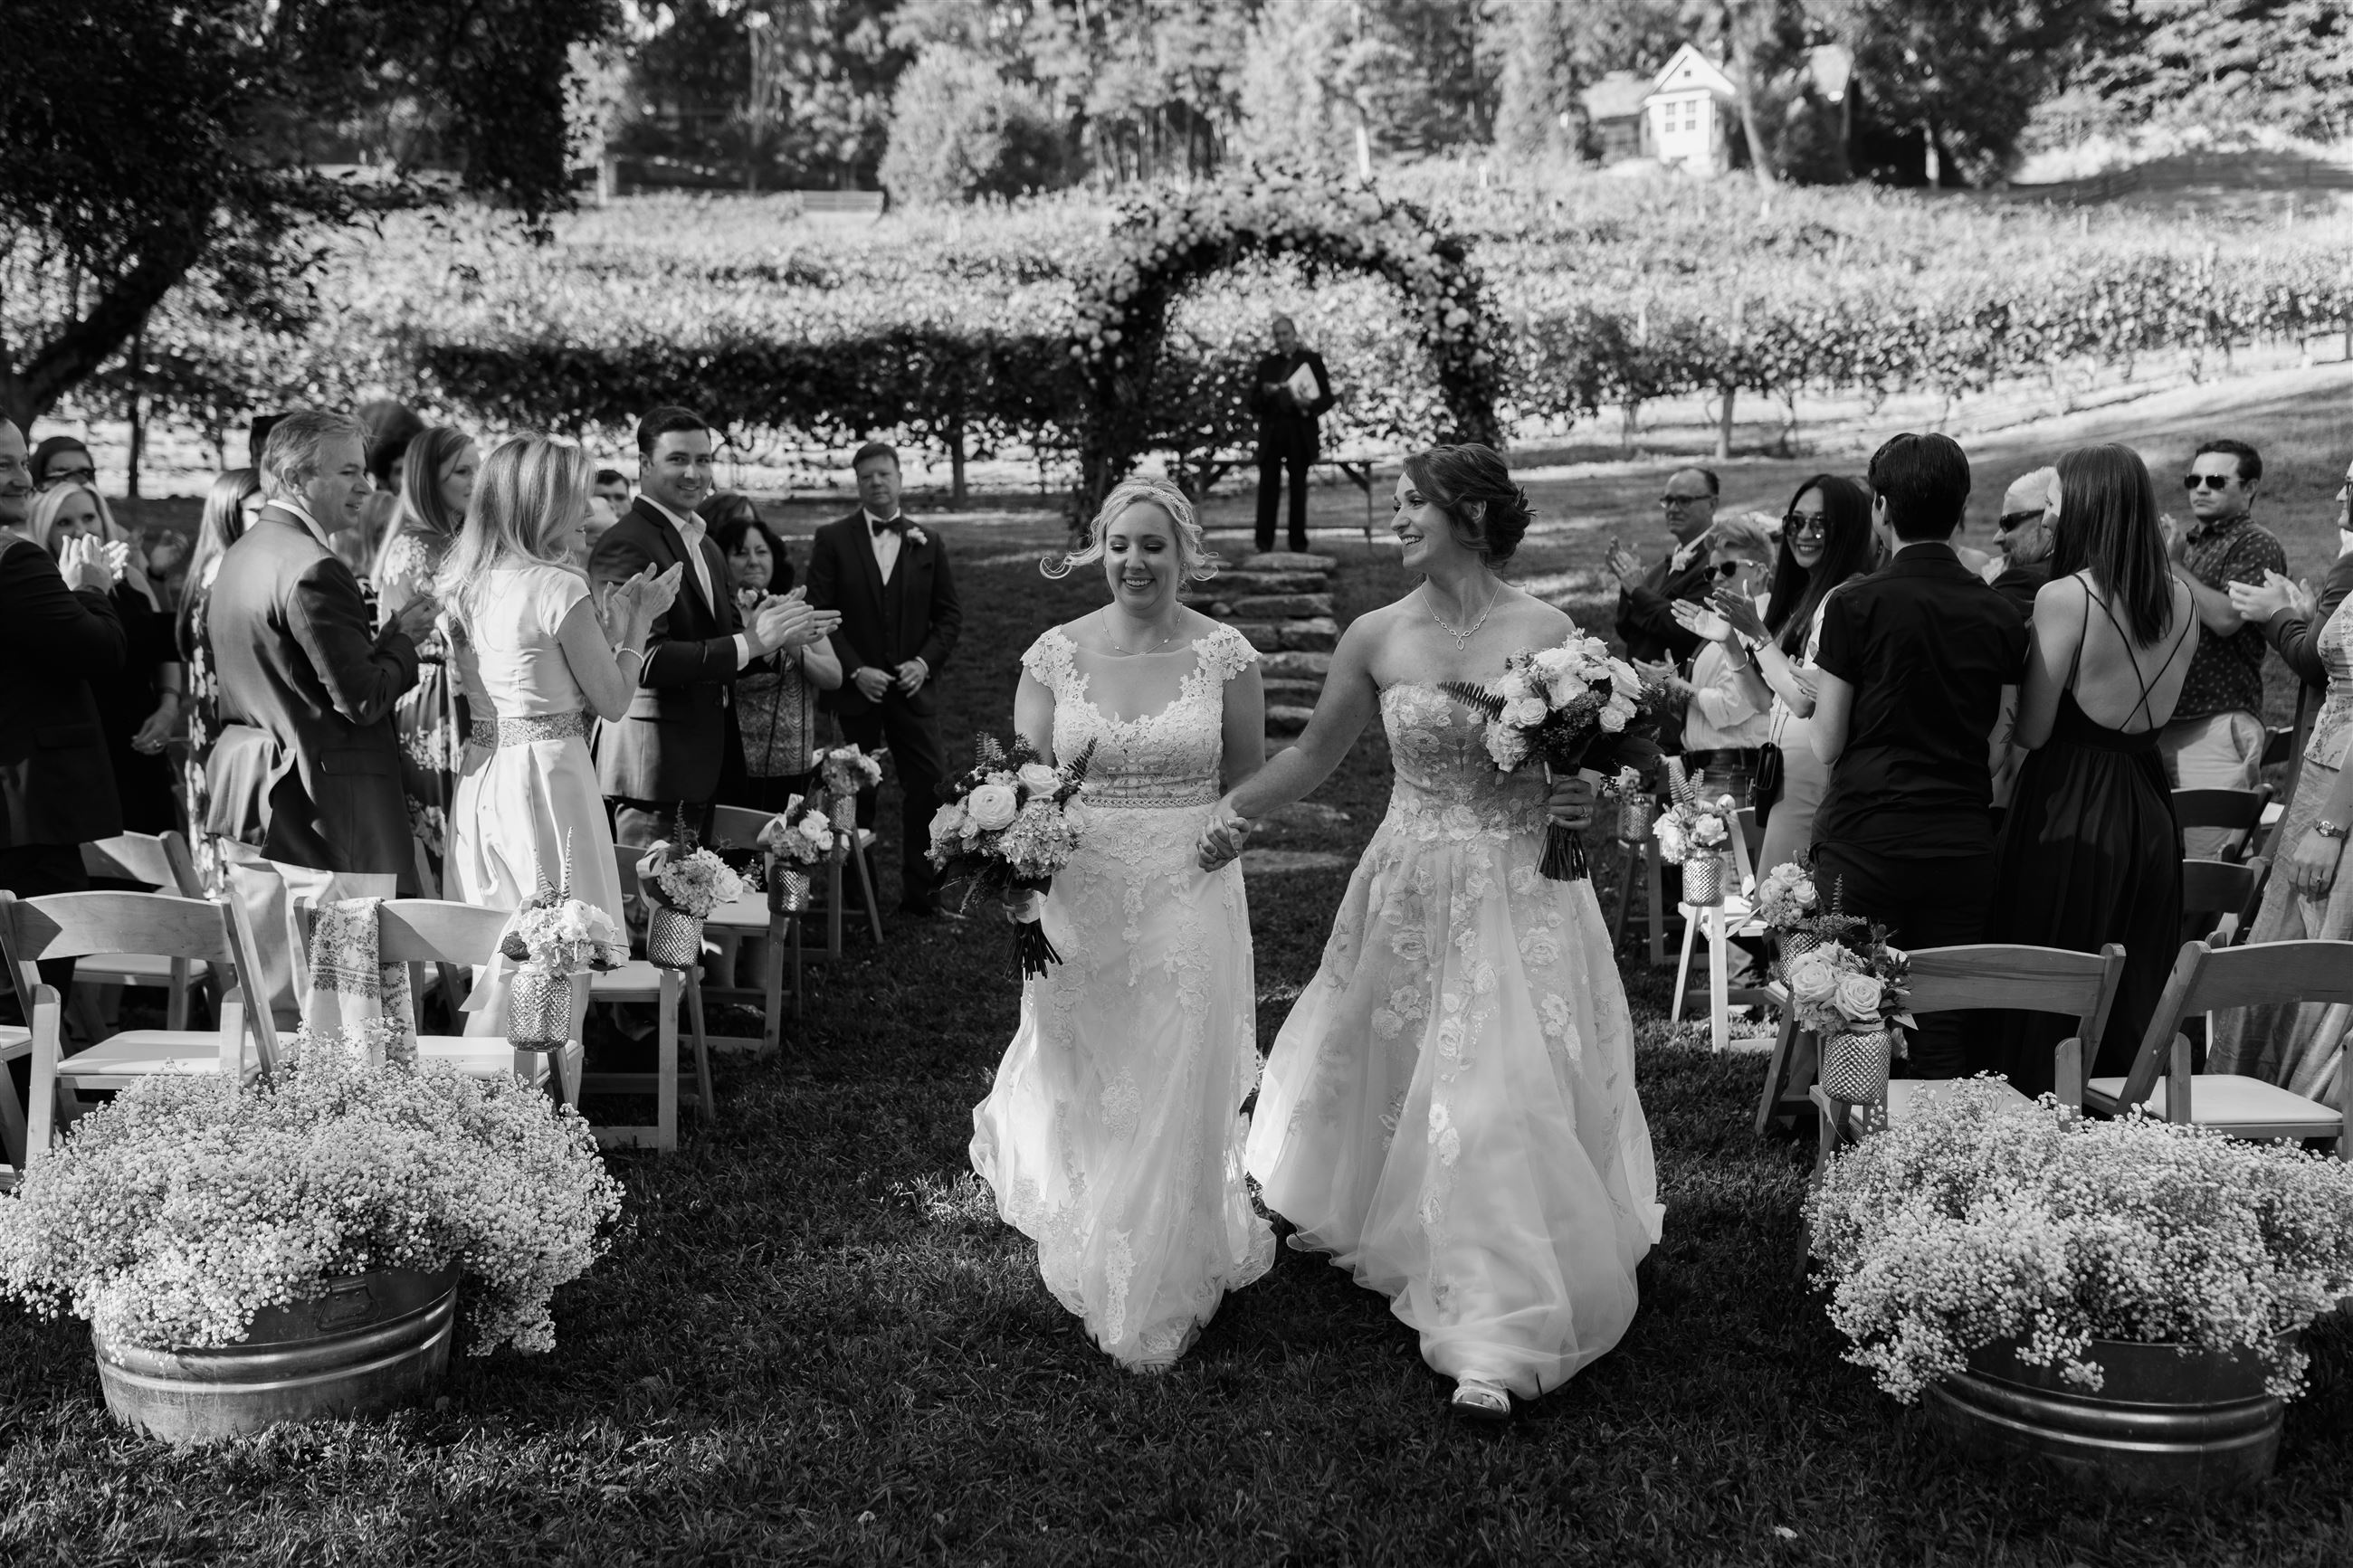 Same Brides exit